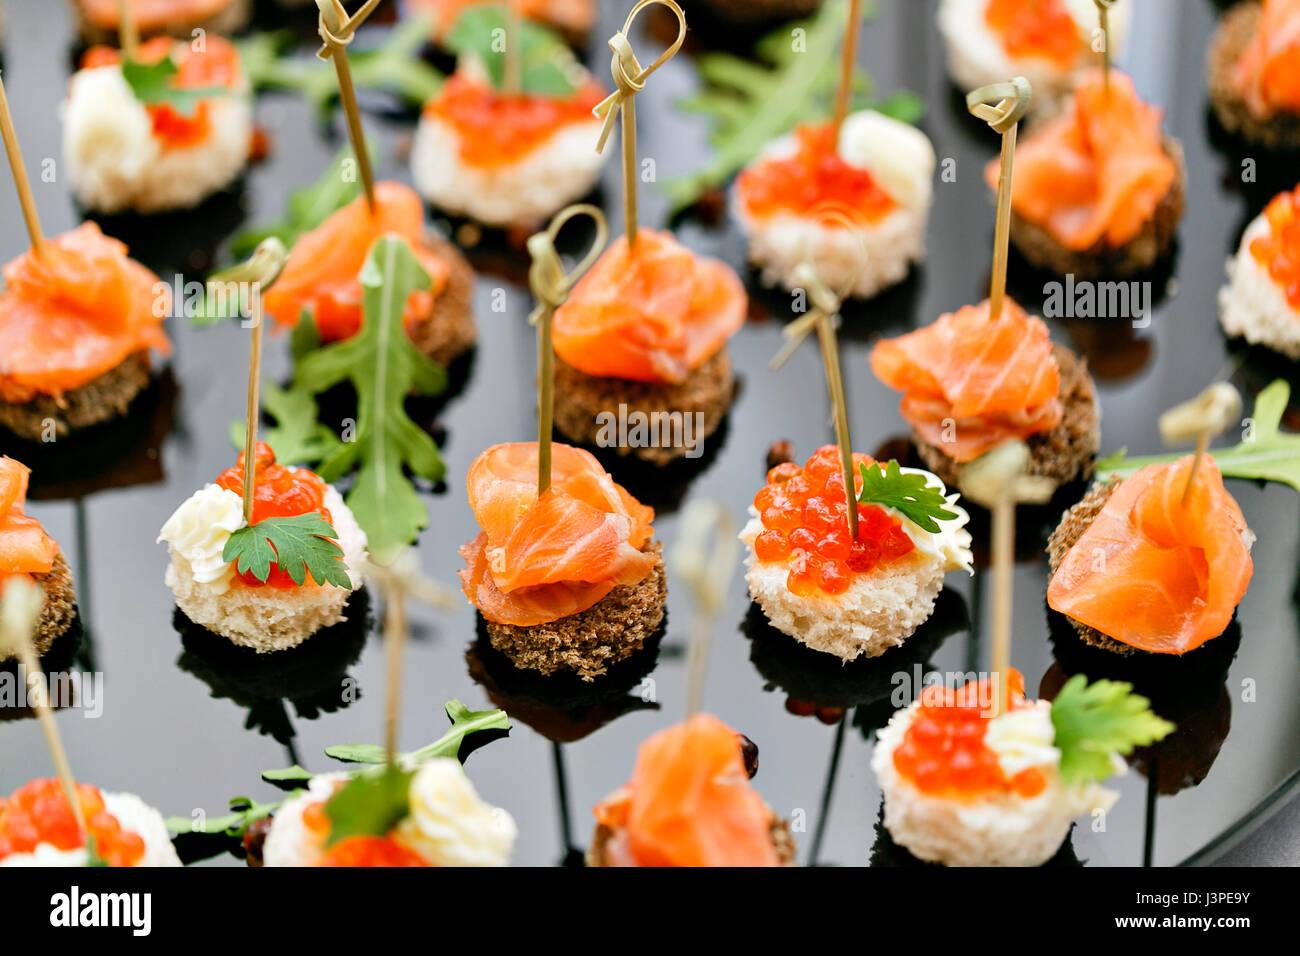 El buffet en la recepción. Surtido de canapés. Servicio de banquetes catering comida, aperitivos con salmón Imagen De Stock